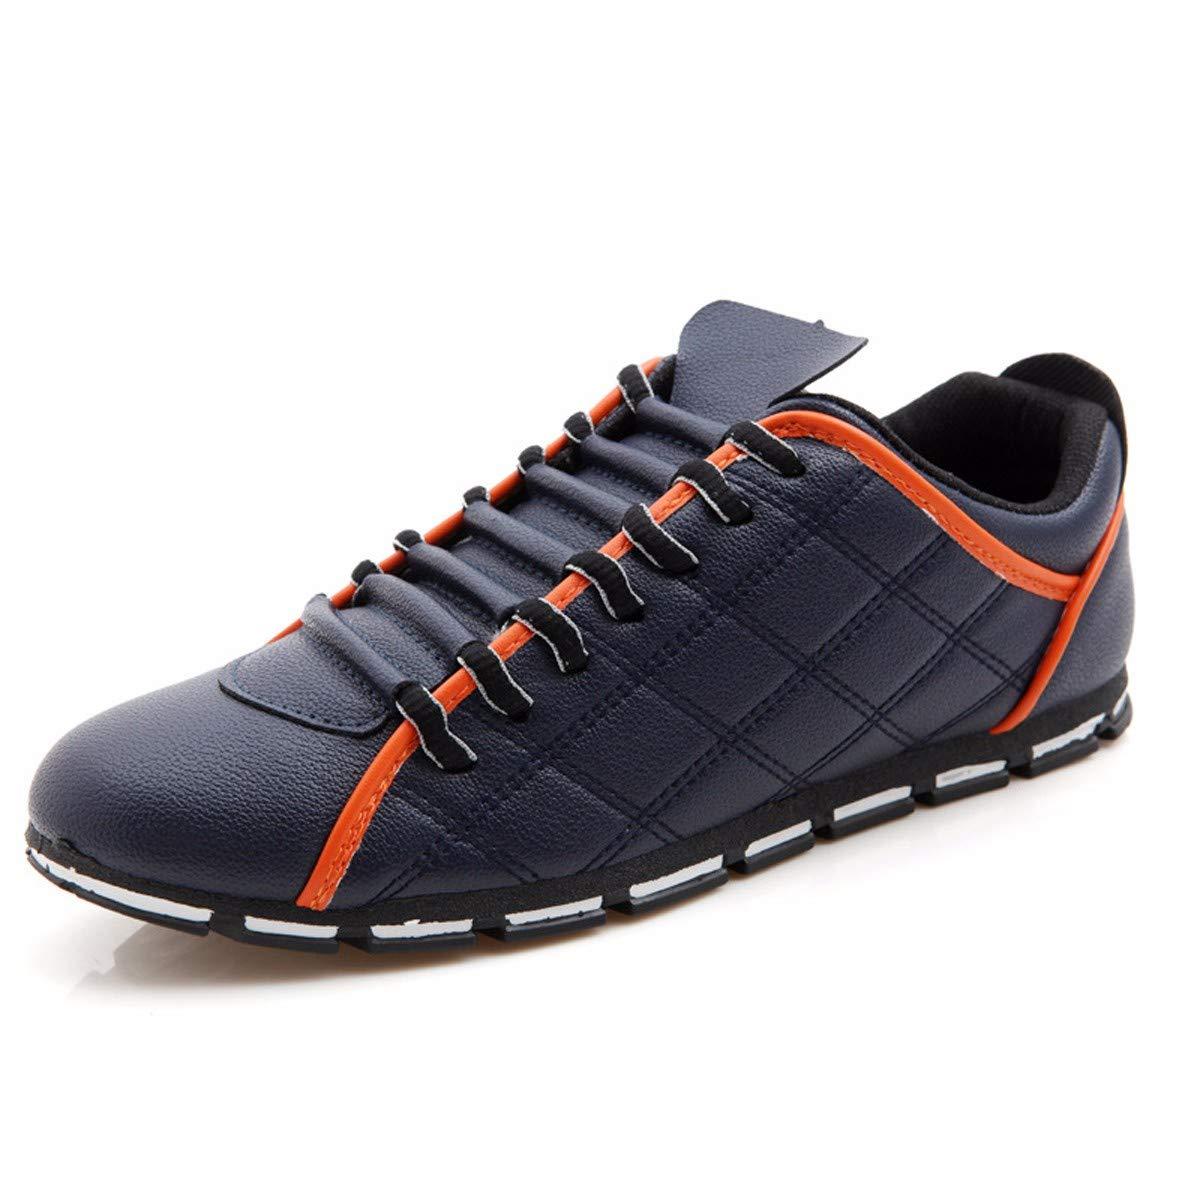 KMJBS-Herbst Sportschuhe British Board Schuhe Männer Lässige Schuhe Student Mode Blau 44